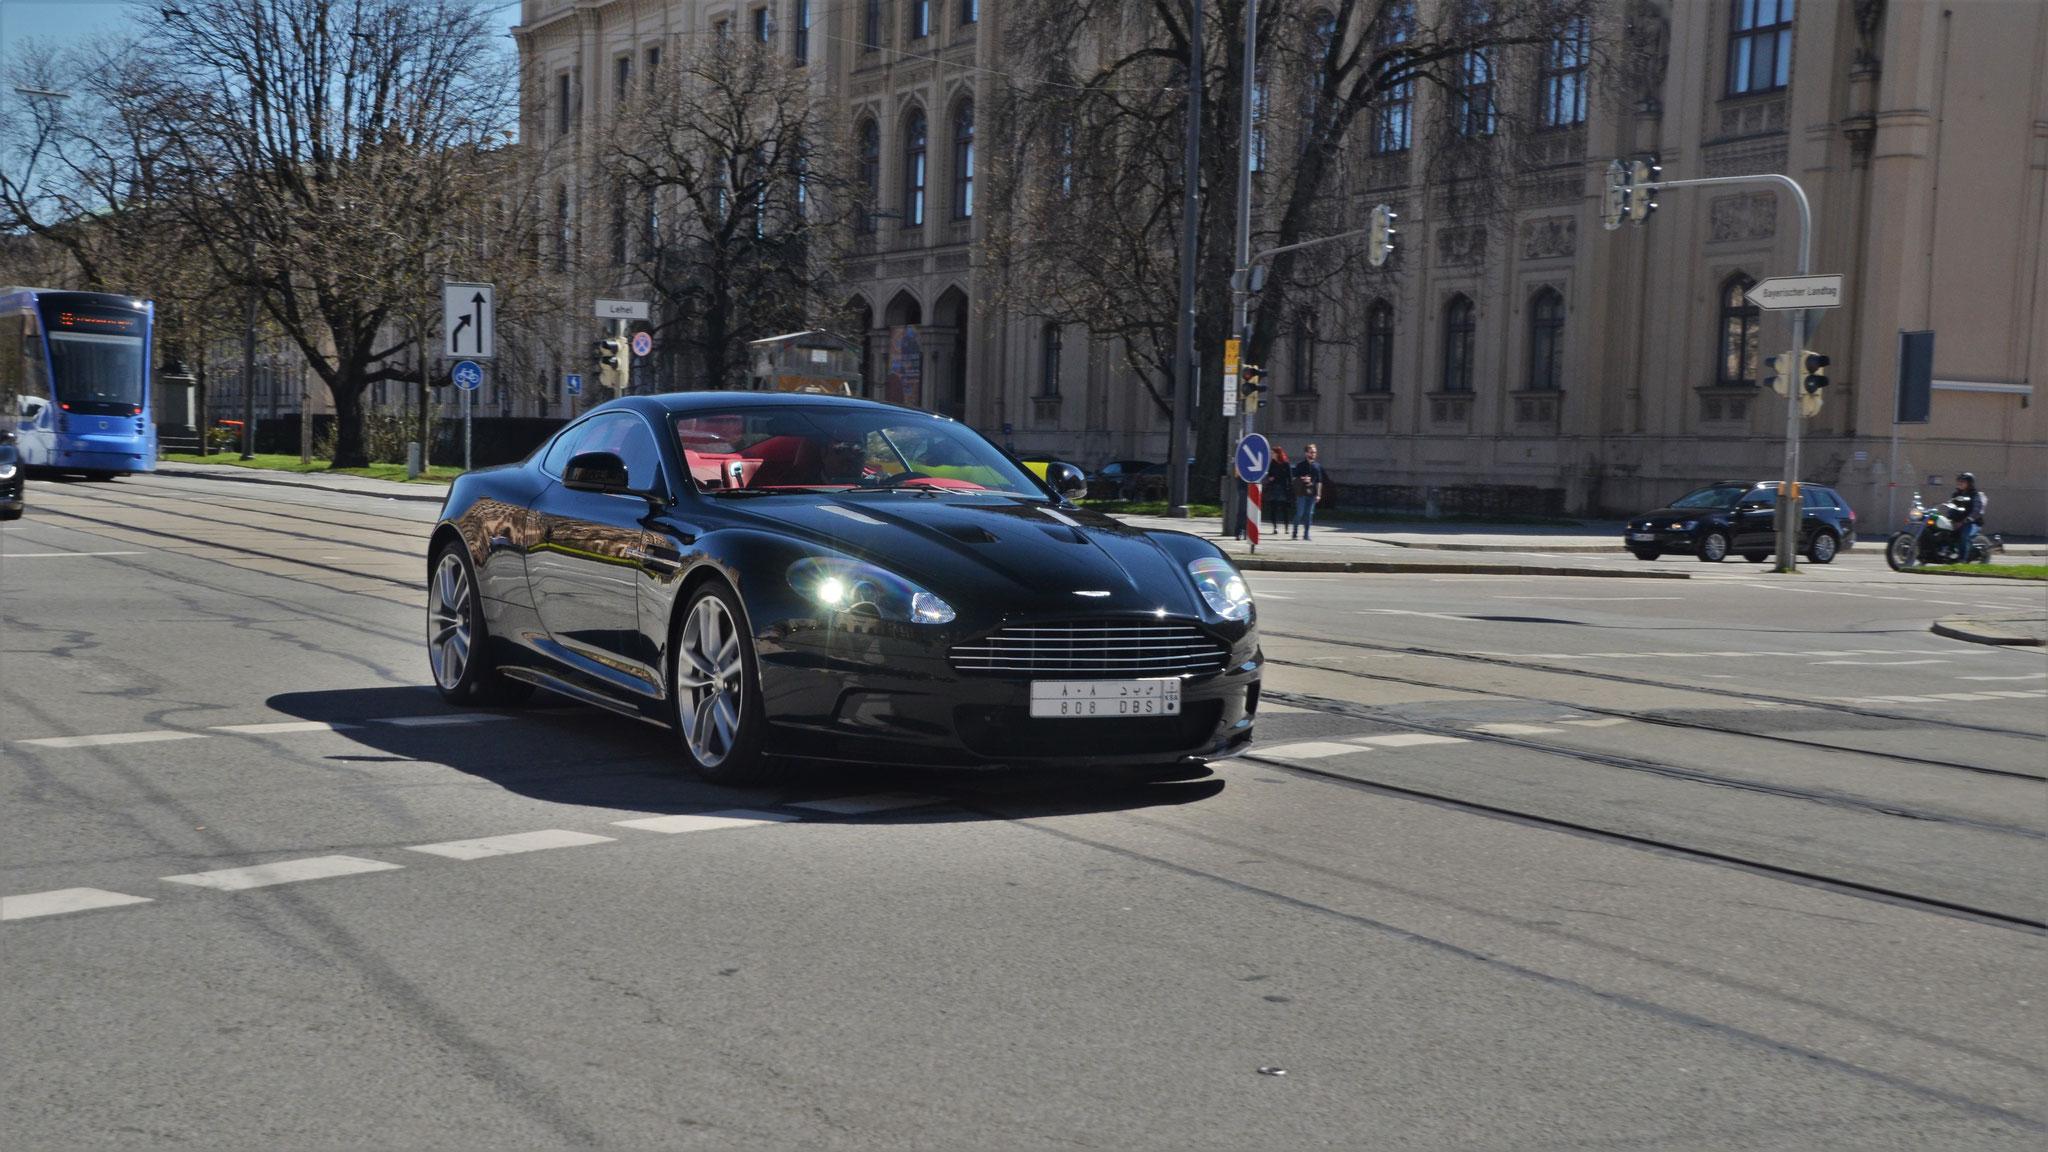 Aston Martin DBS - 808-DBS (KSA)